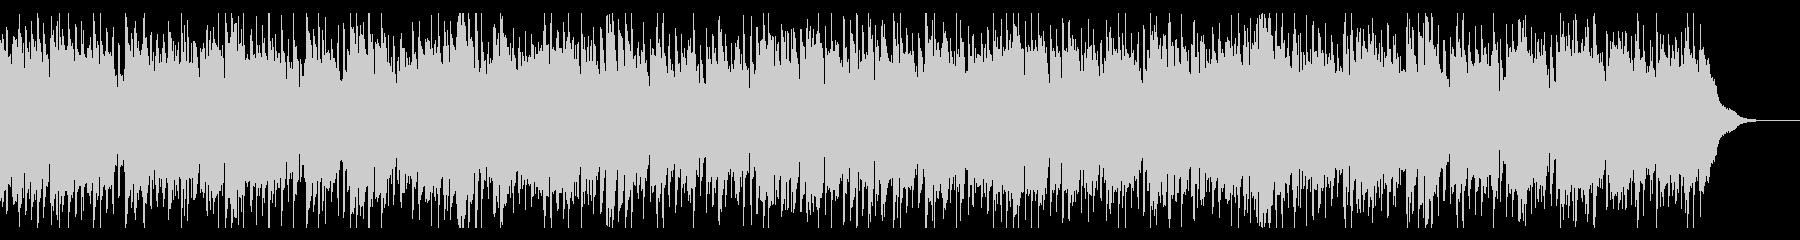 生音アコギメロの切ないフォークポップの未再生の波形